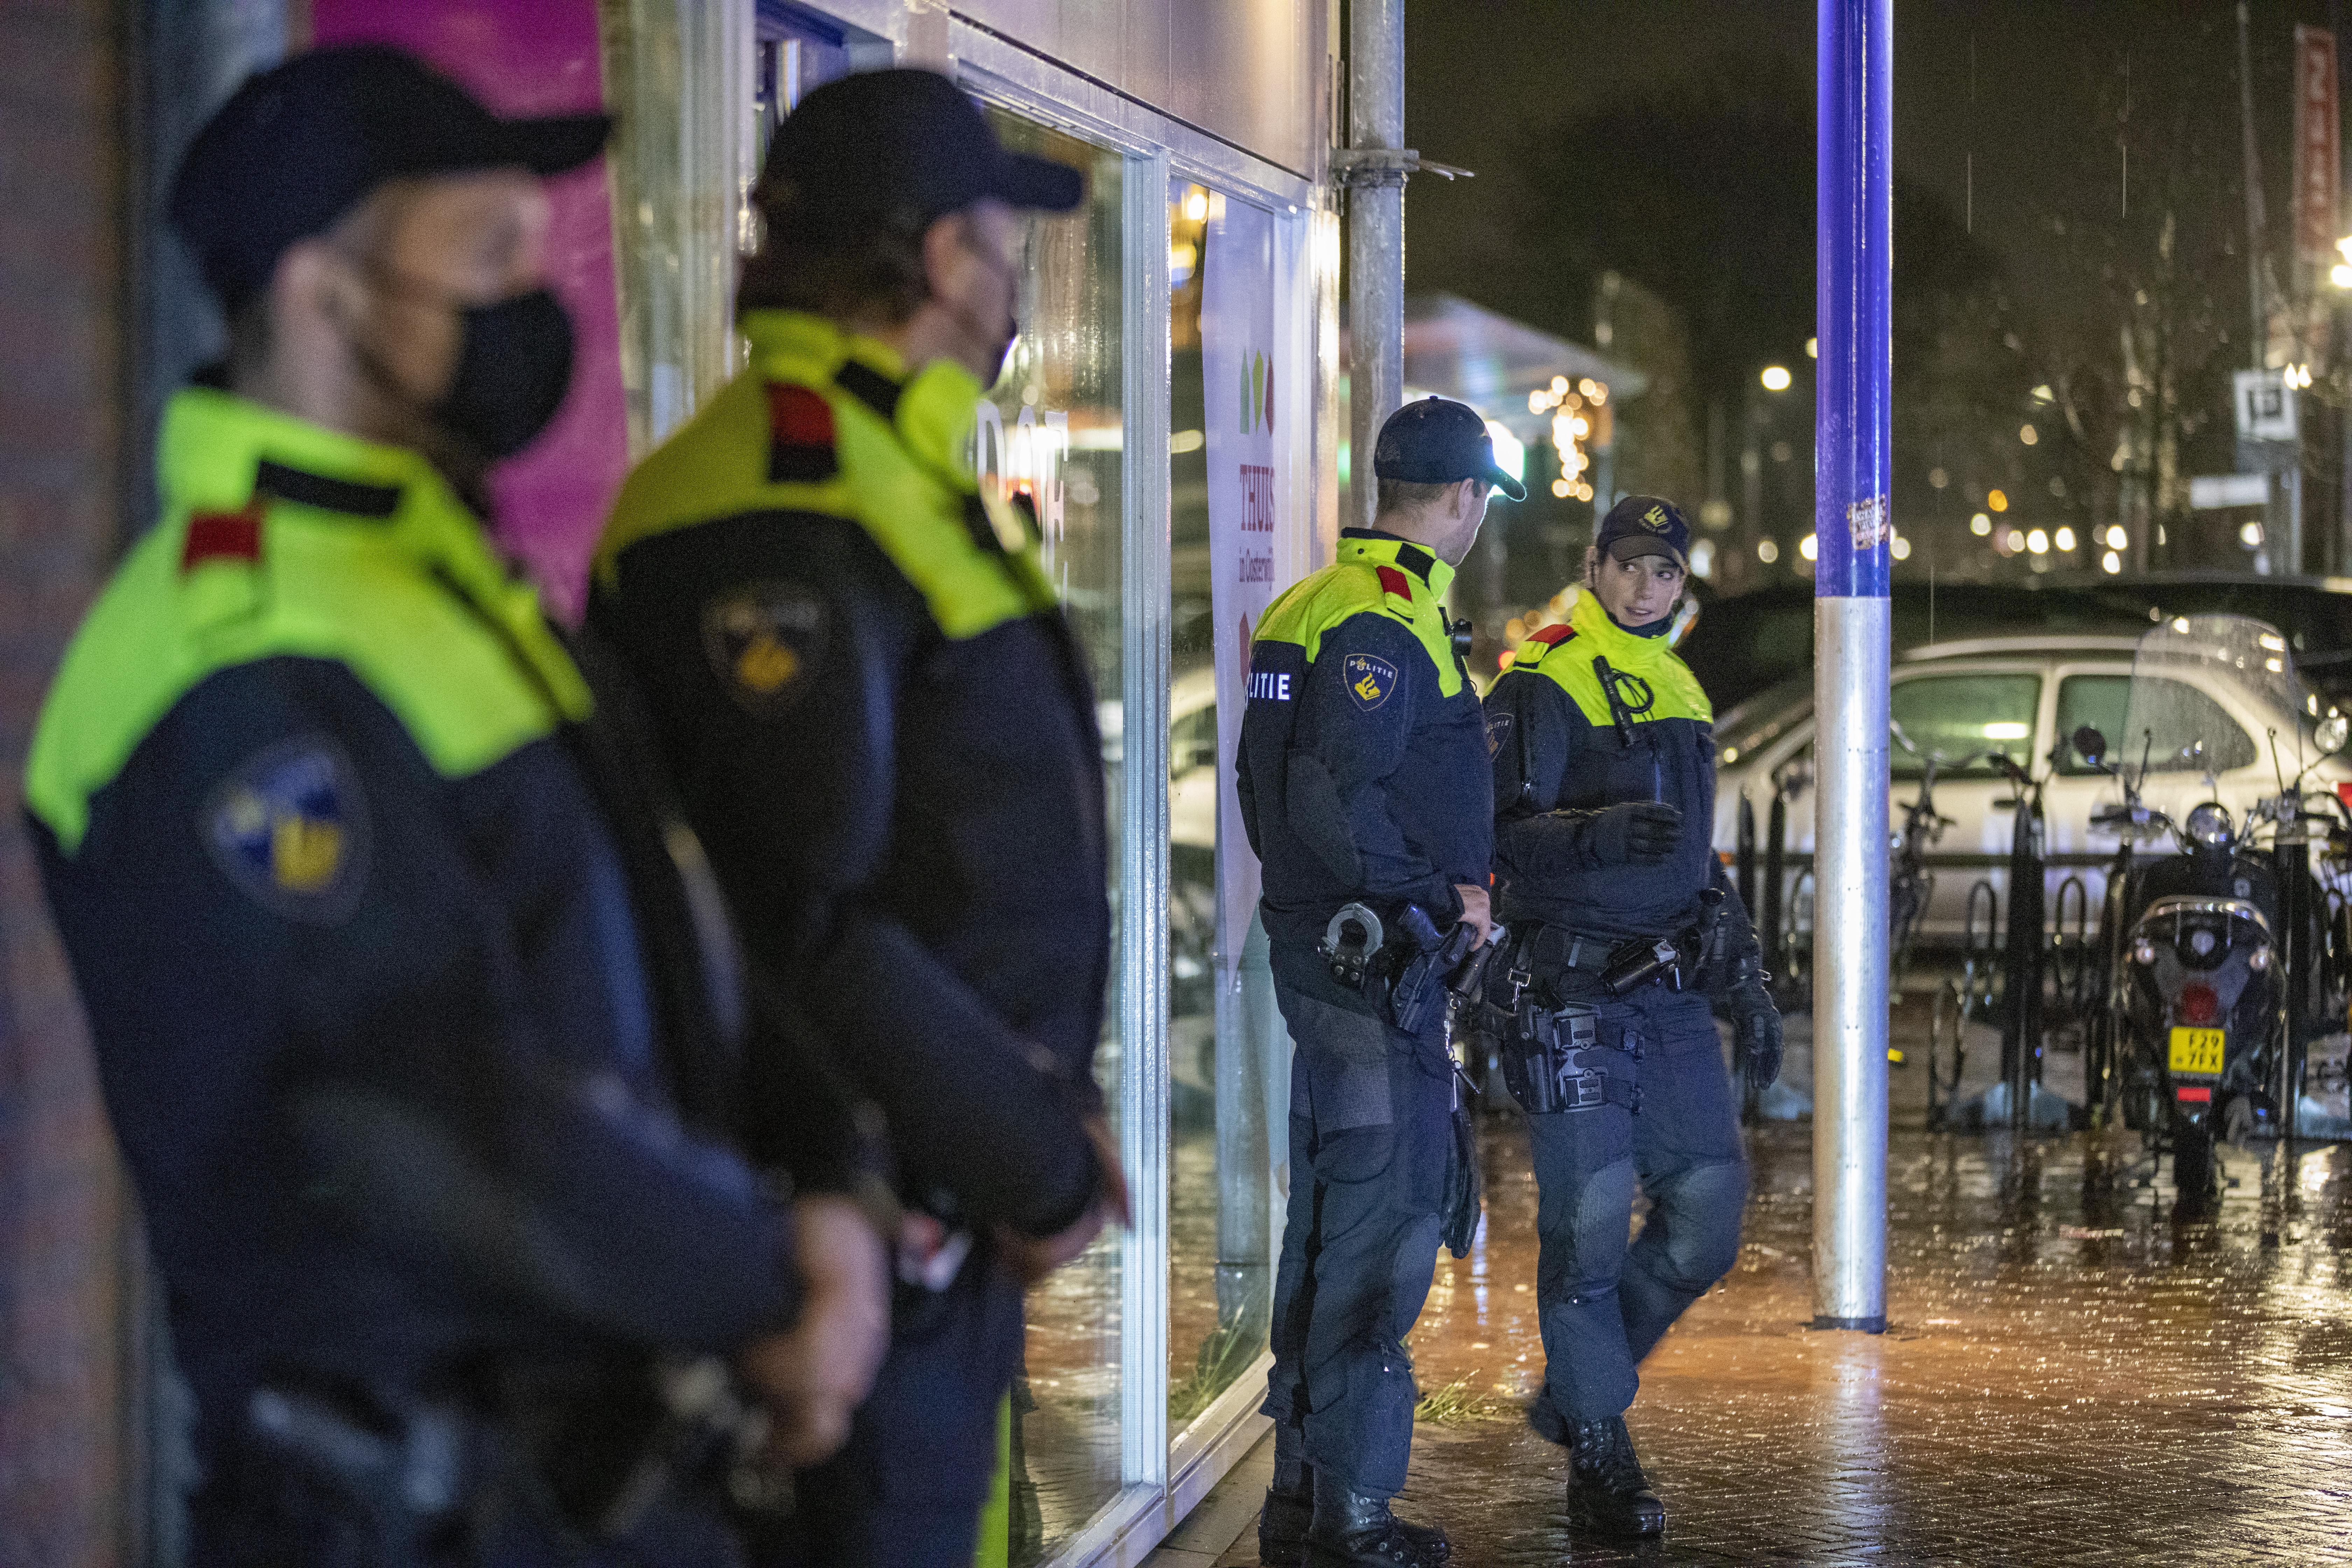 Burgemeesters in de IJmond willen buurten vaker en langer kunnen aanwijzen als risicogebied